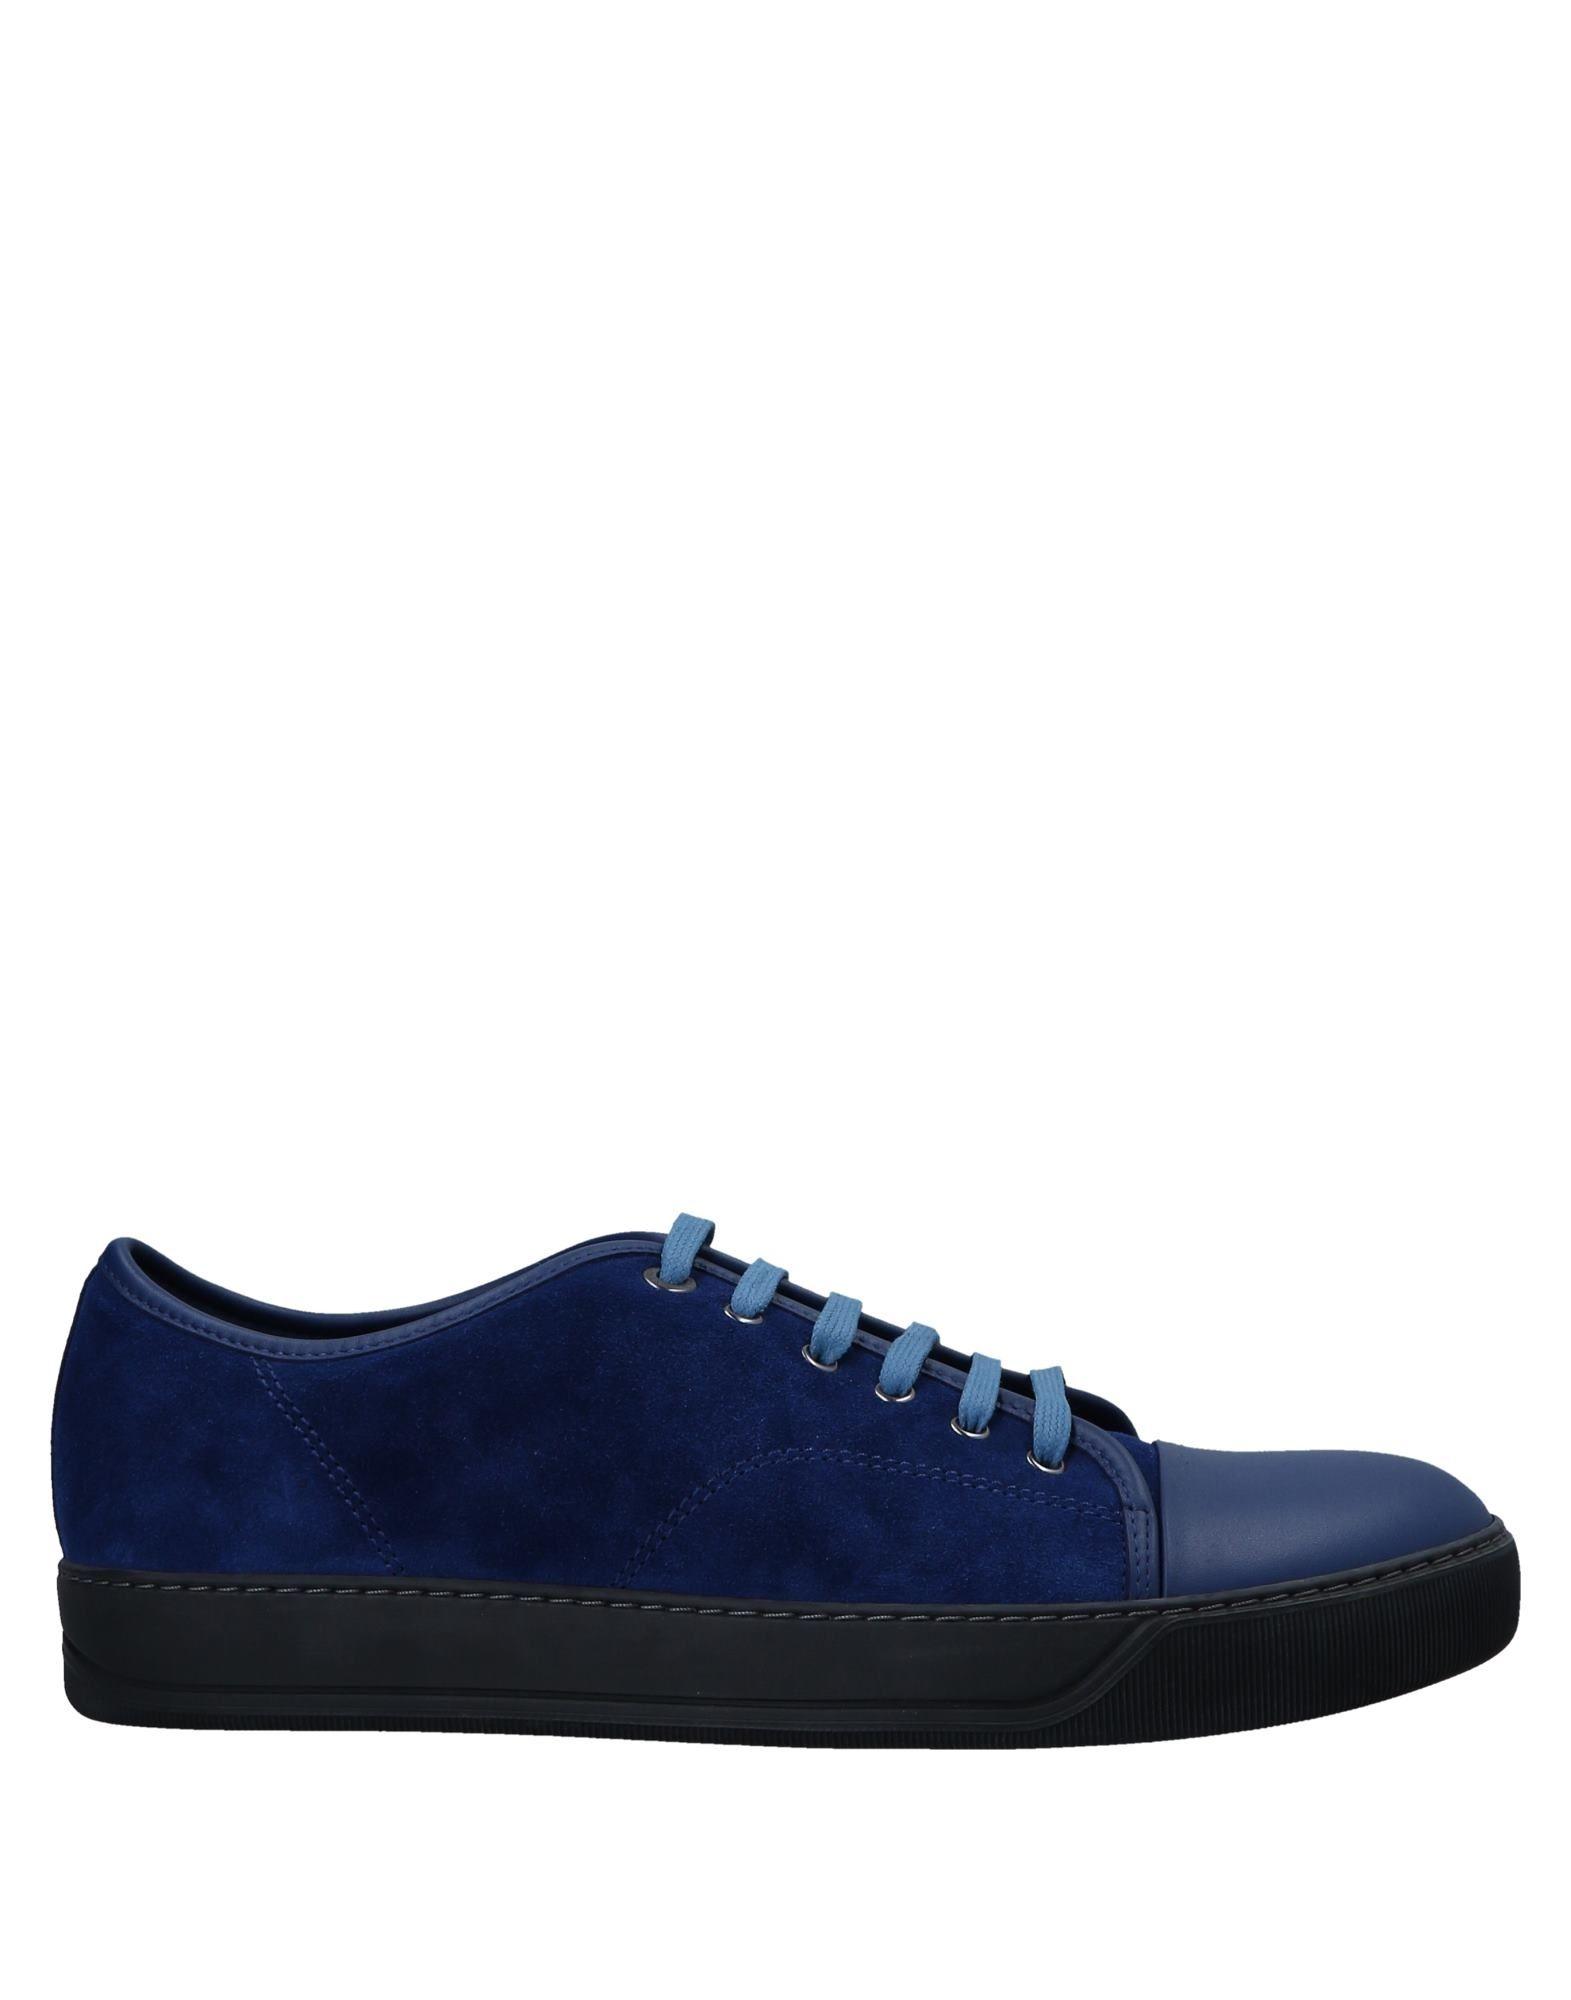 Lanvin on Sneakers - Men Lanvin Sneakers online on Lanvin  Canada - 11481385AP c83003